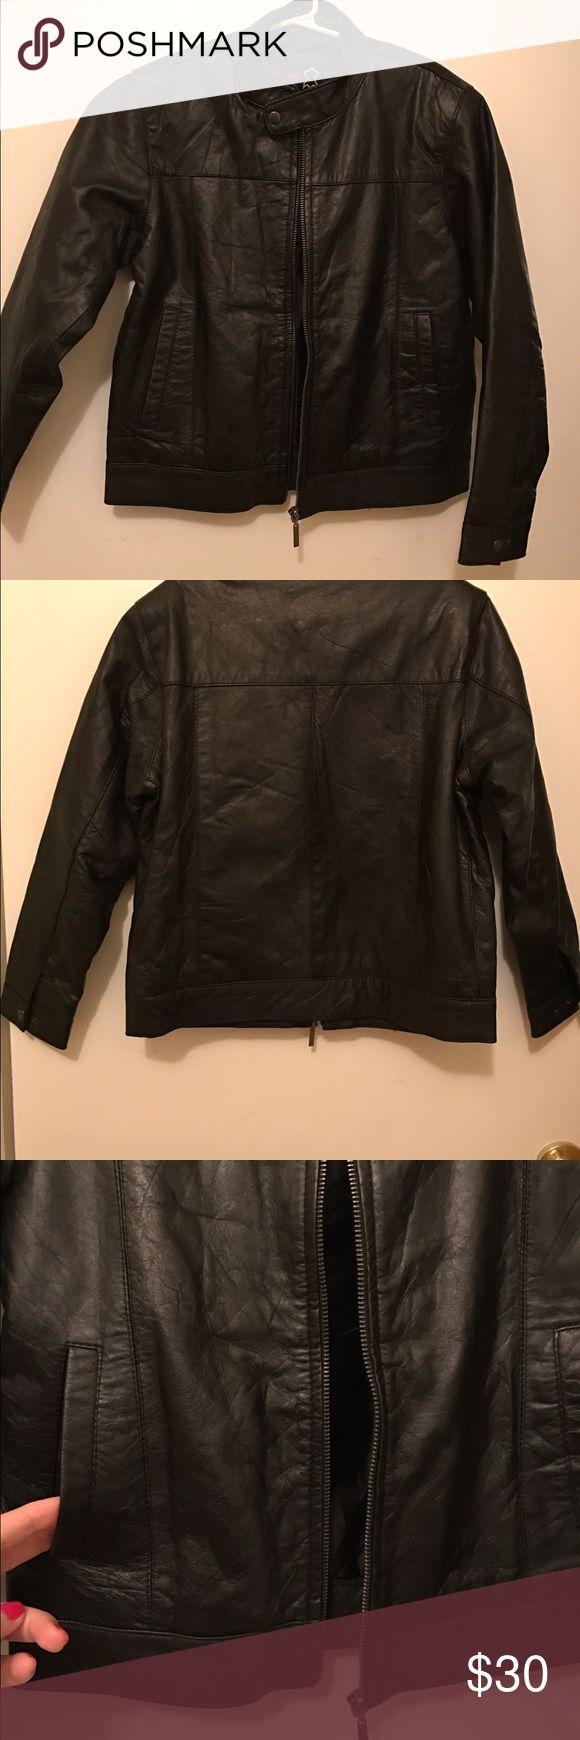 Leather jacket size 18 - Boys Leather Jacket